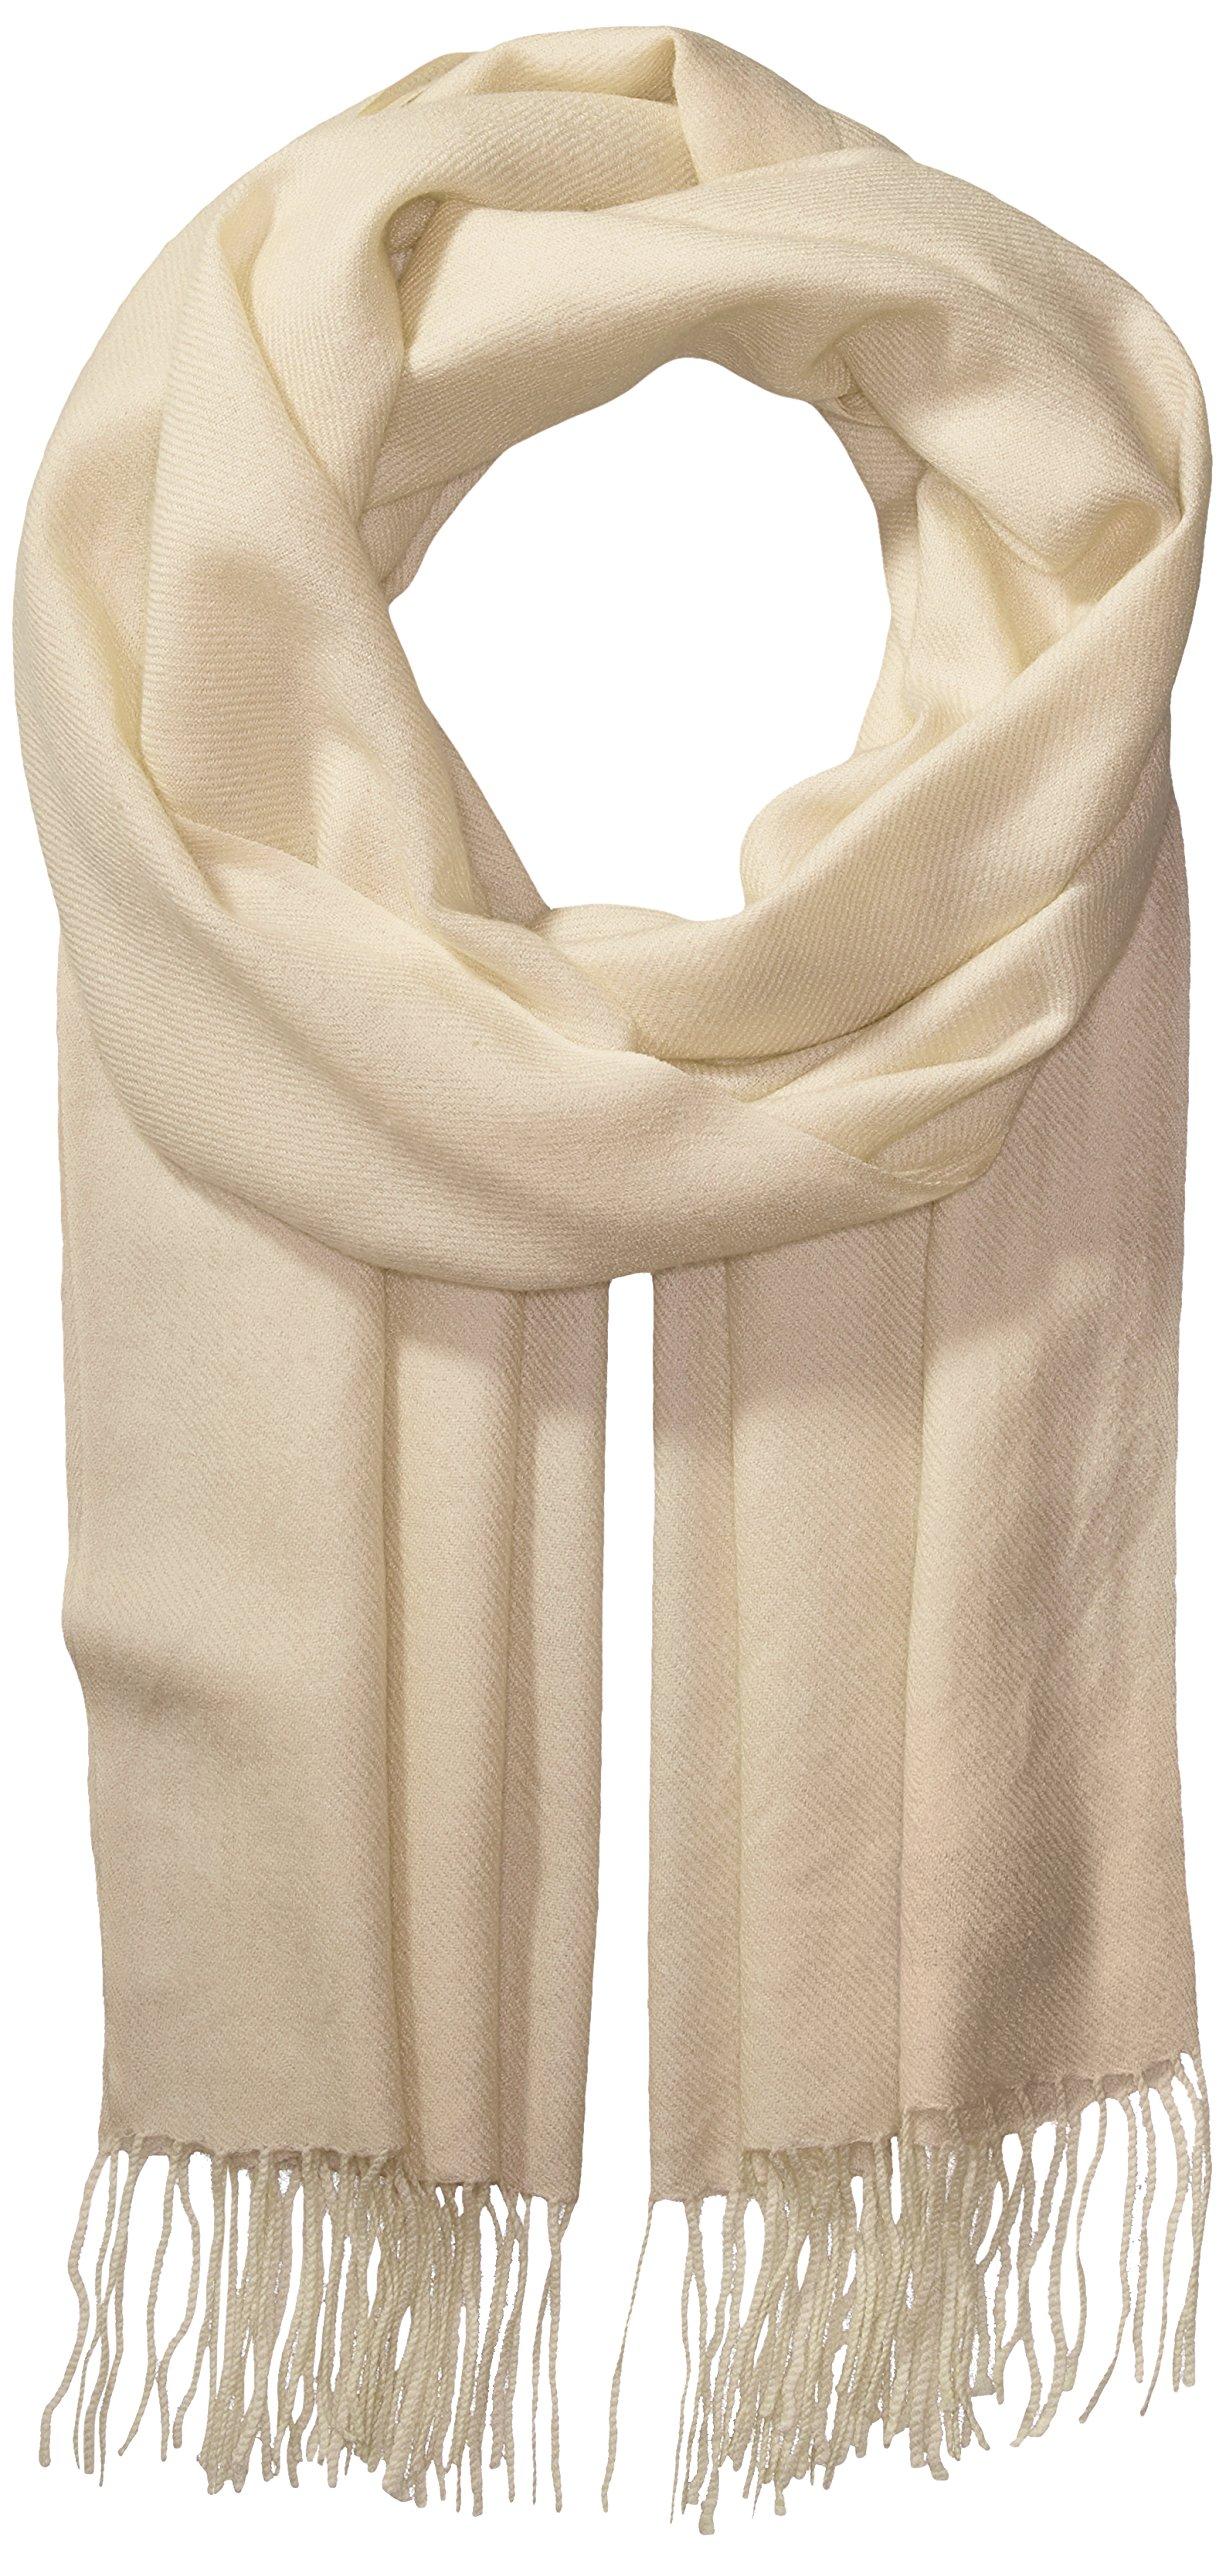 La Fiorentina Women's Soft Twill Cashmere Scarf, White, One Size